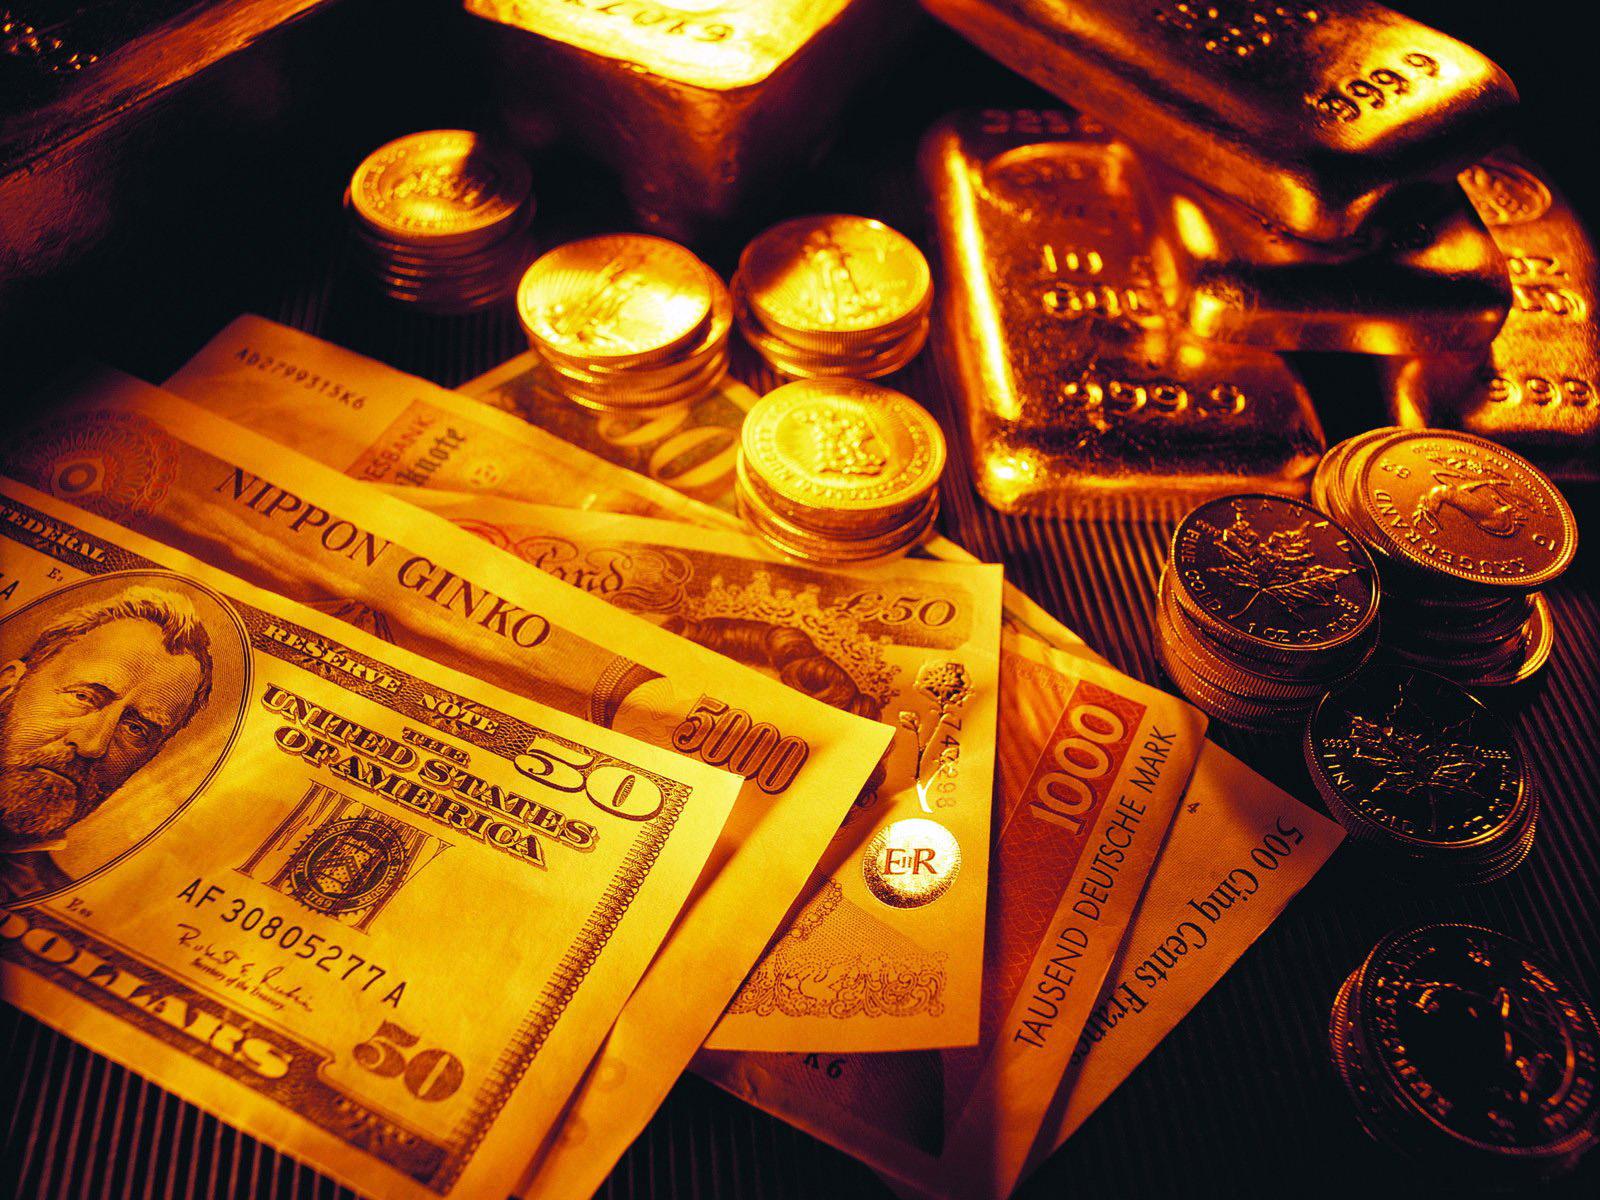 Когда сильно сжаты сроки, а деньги требуется достать немедленно, помогут особые секреты проведения ритуалов.